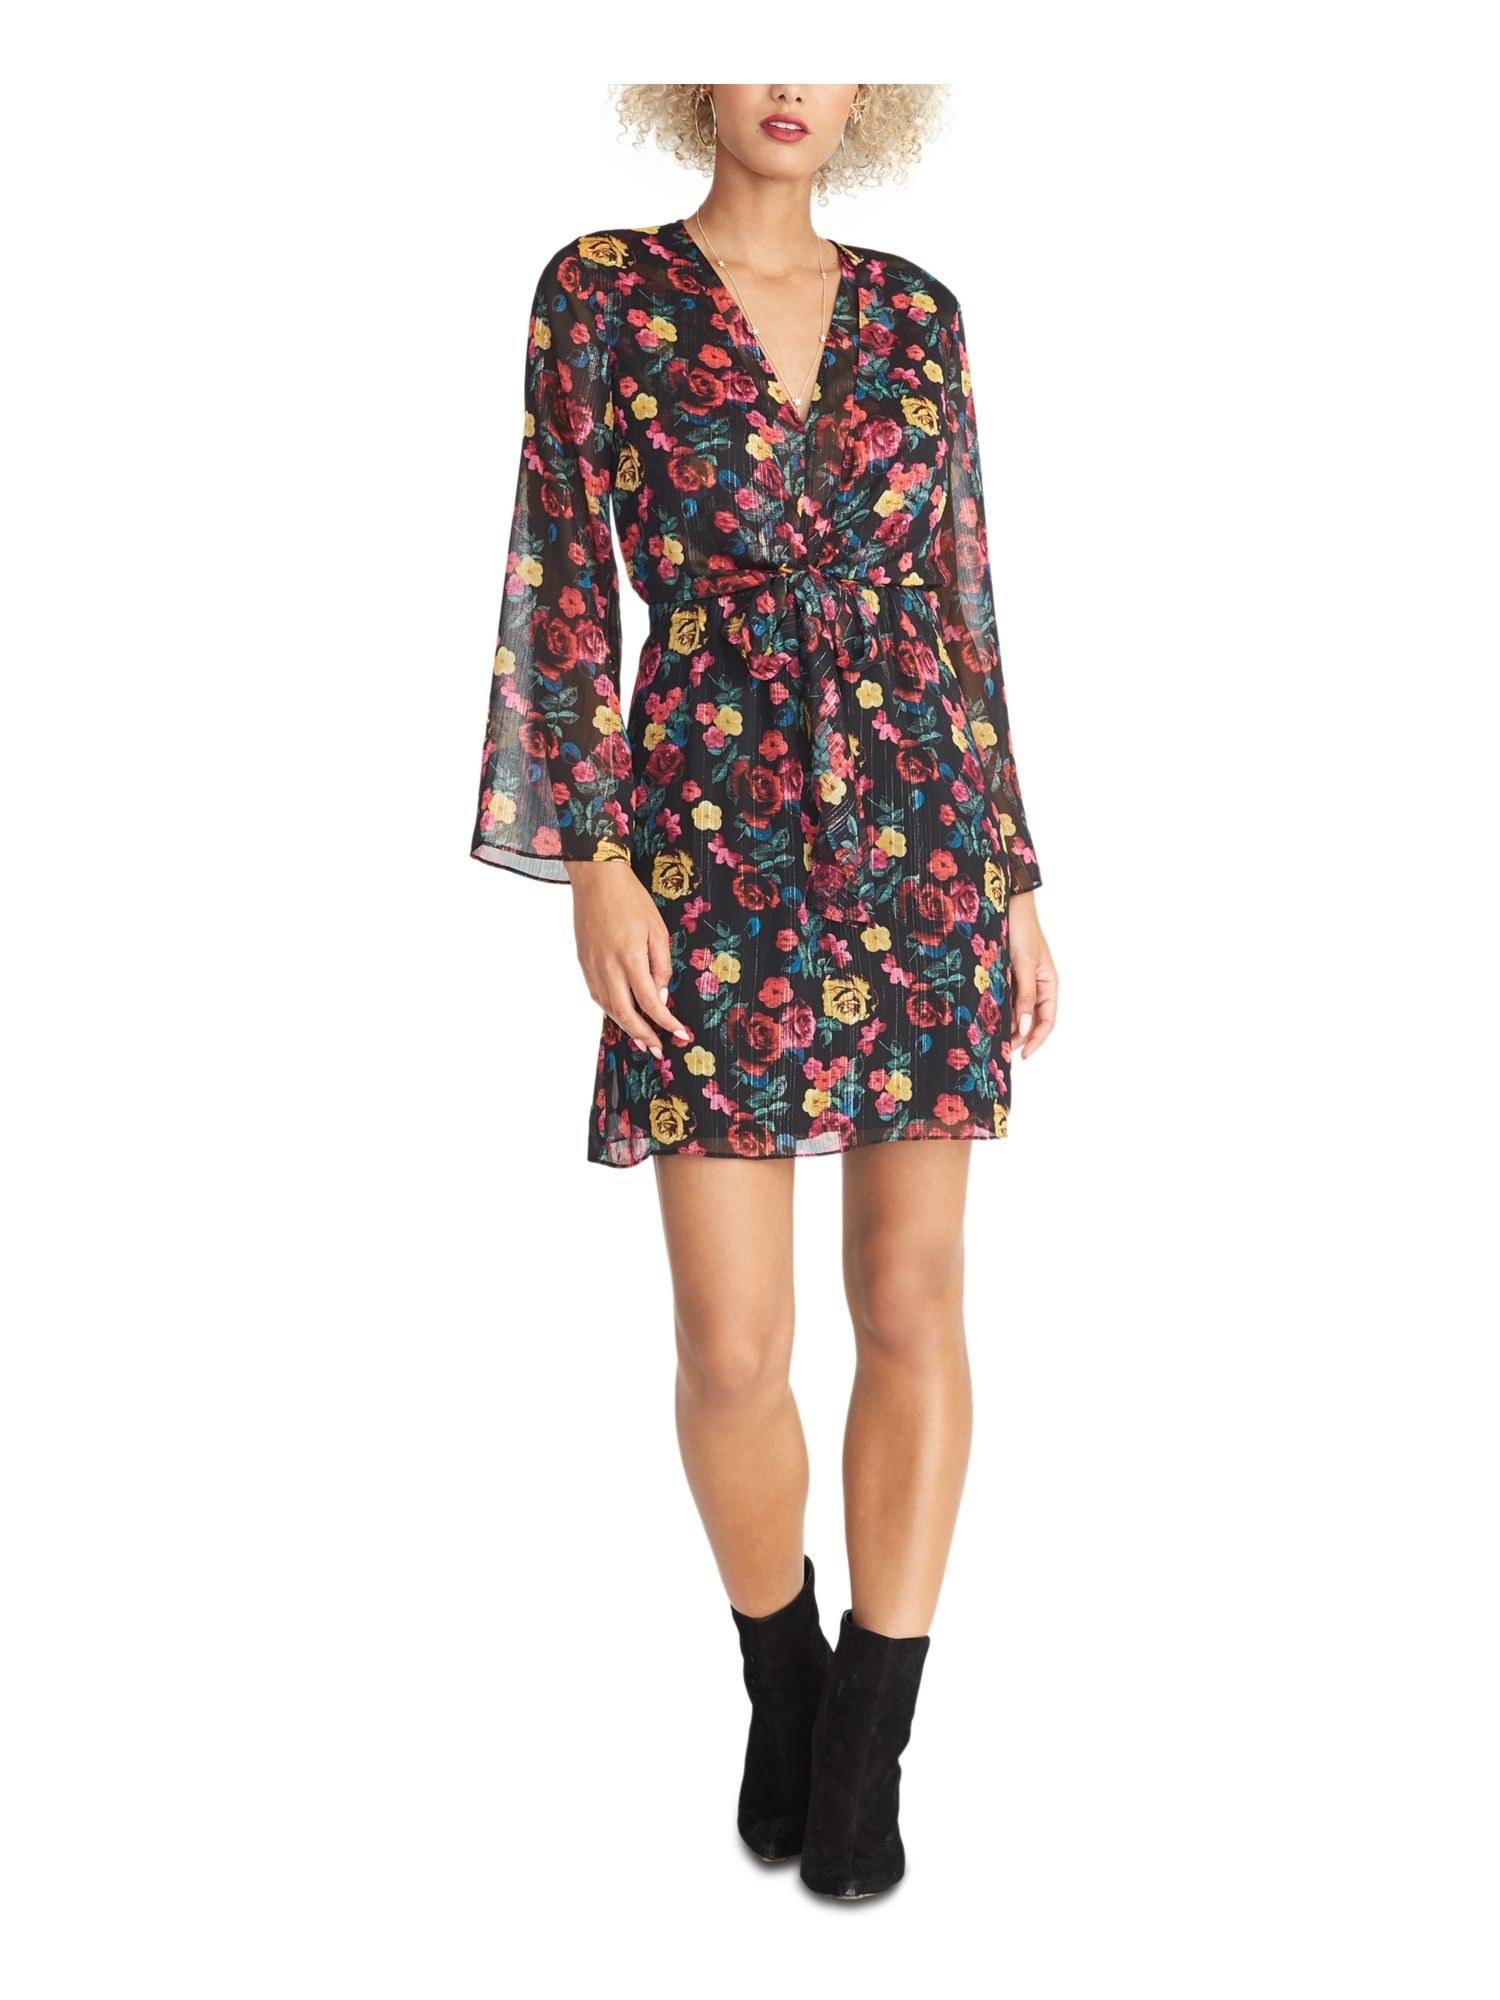 Model wearing short floral dress